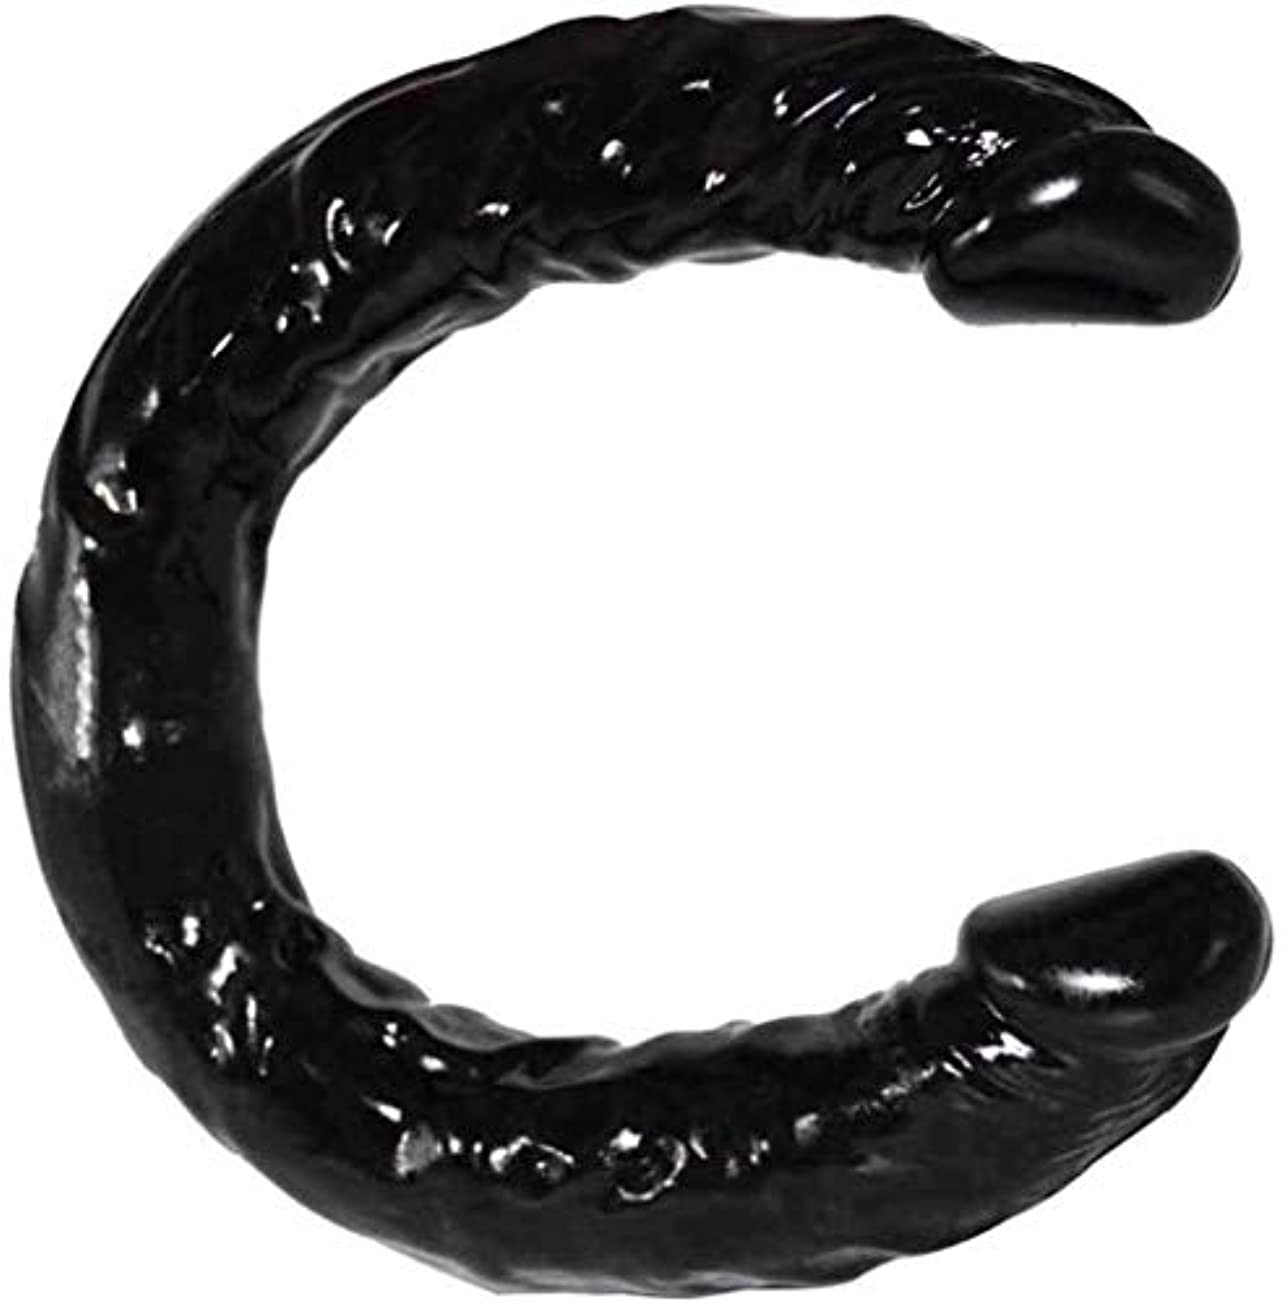 一緒救いパーティーハンドヘルドポータブル模擬玩具柔軟な振動が大型玩具ブラックカラーPVC素材をスラスト